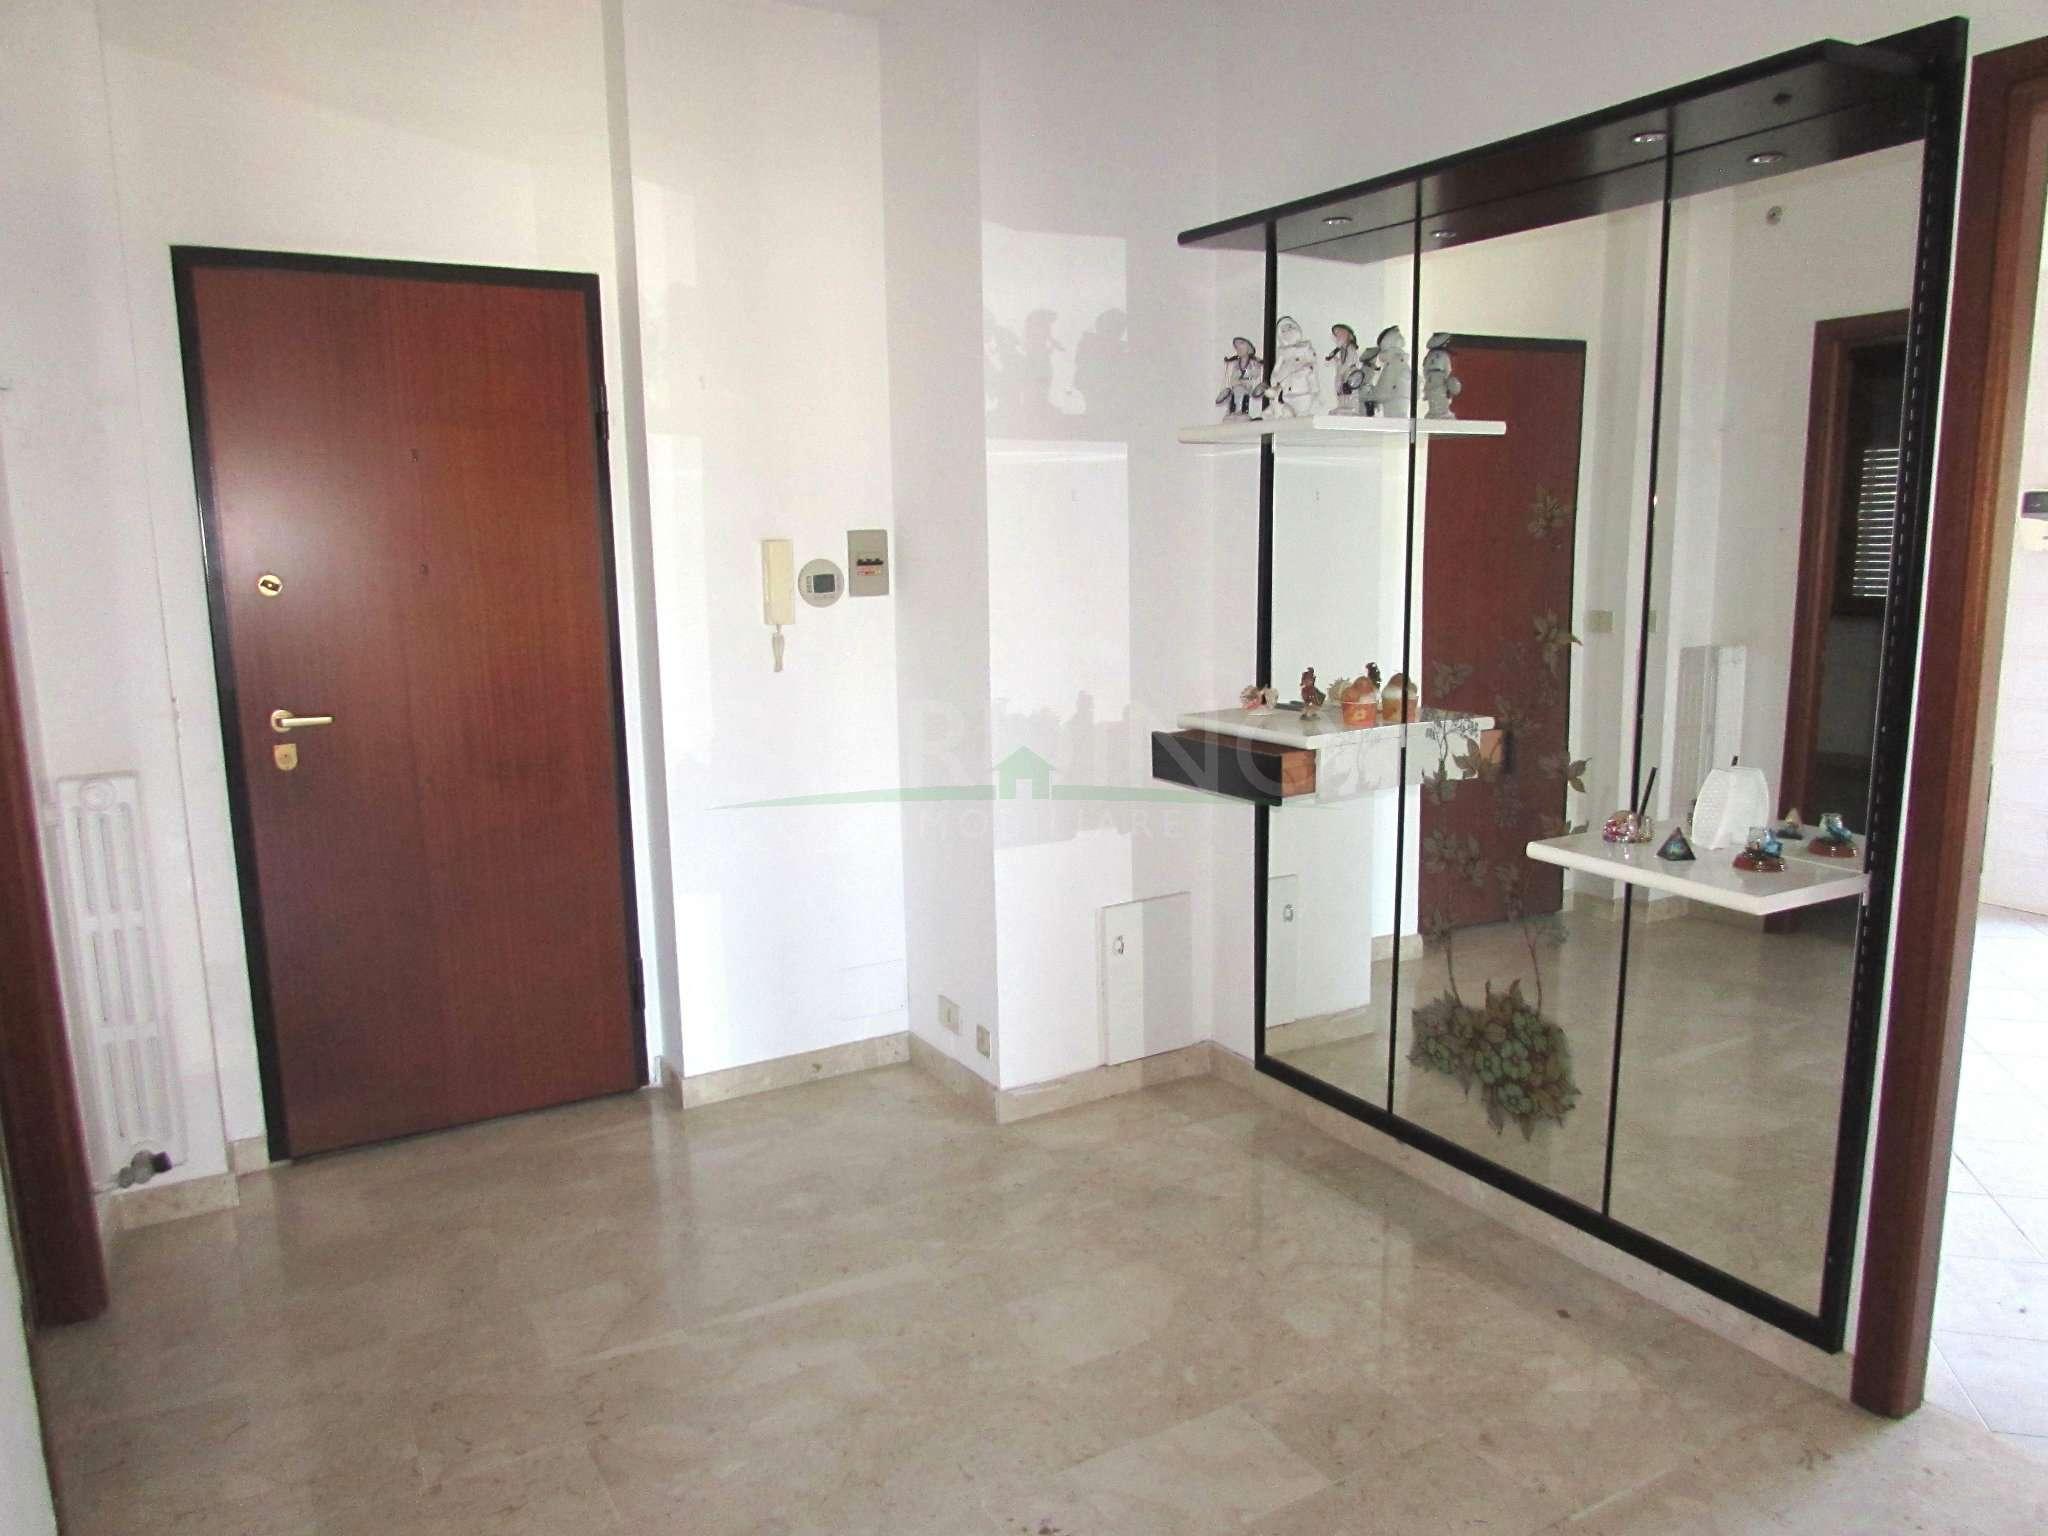 Appartamento in vendita a Priocca, 4 locali, prezzo € 80.000 | CambioCasa.it